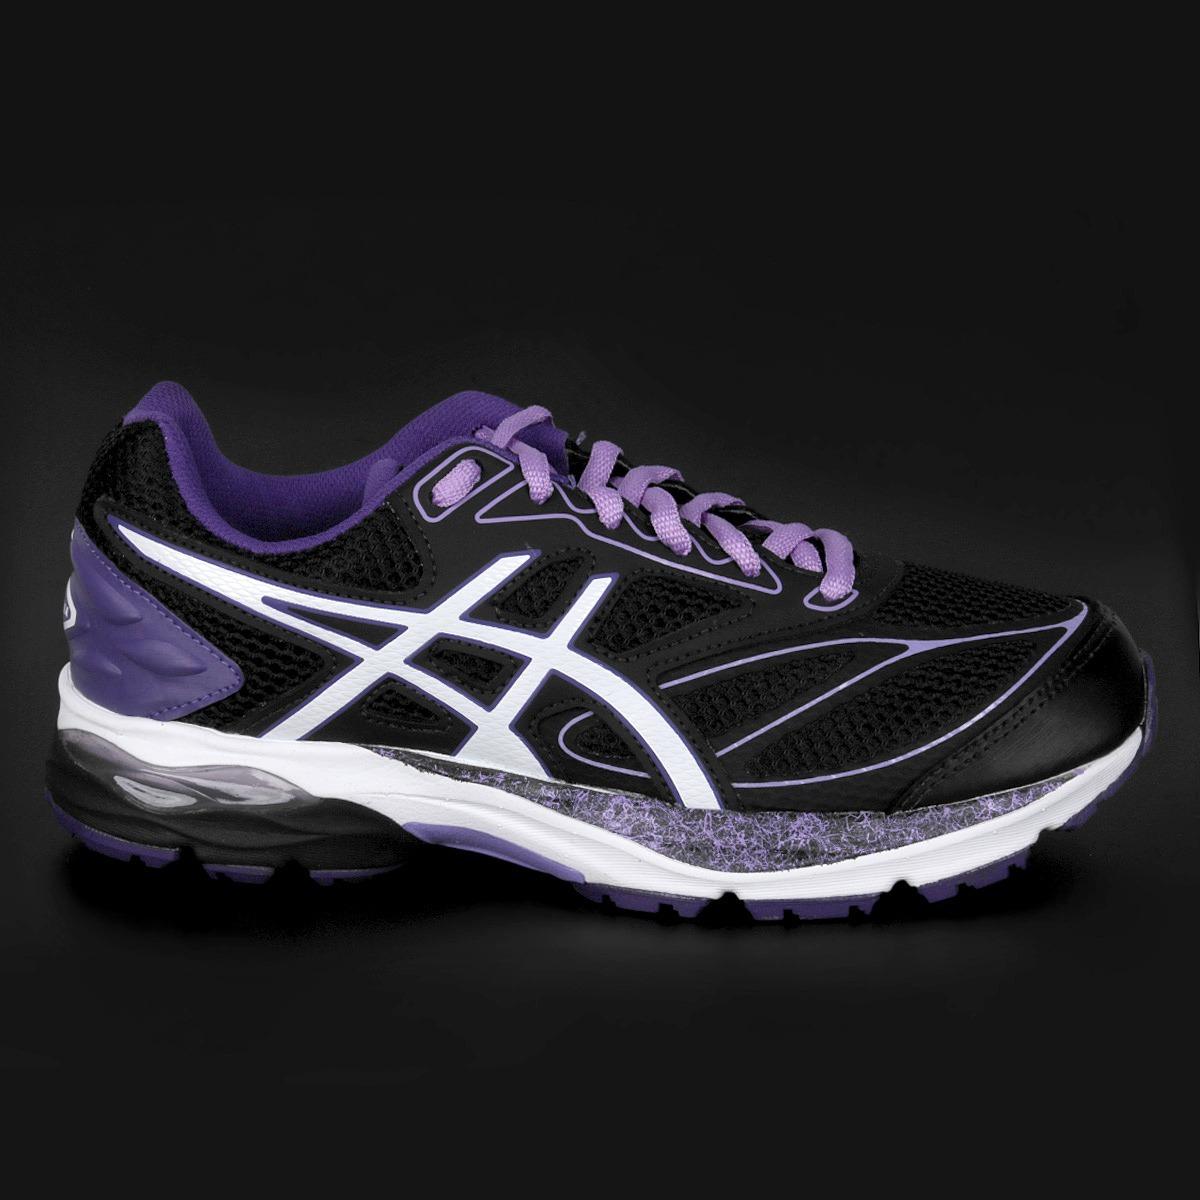 e468b238685 tênis asics gel pulse feminino preto e lilás- frete gtatis. Carregando zoom.